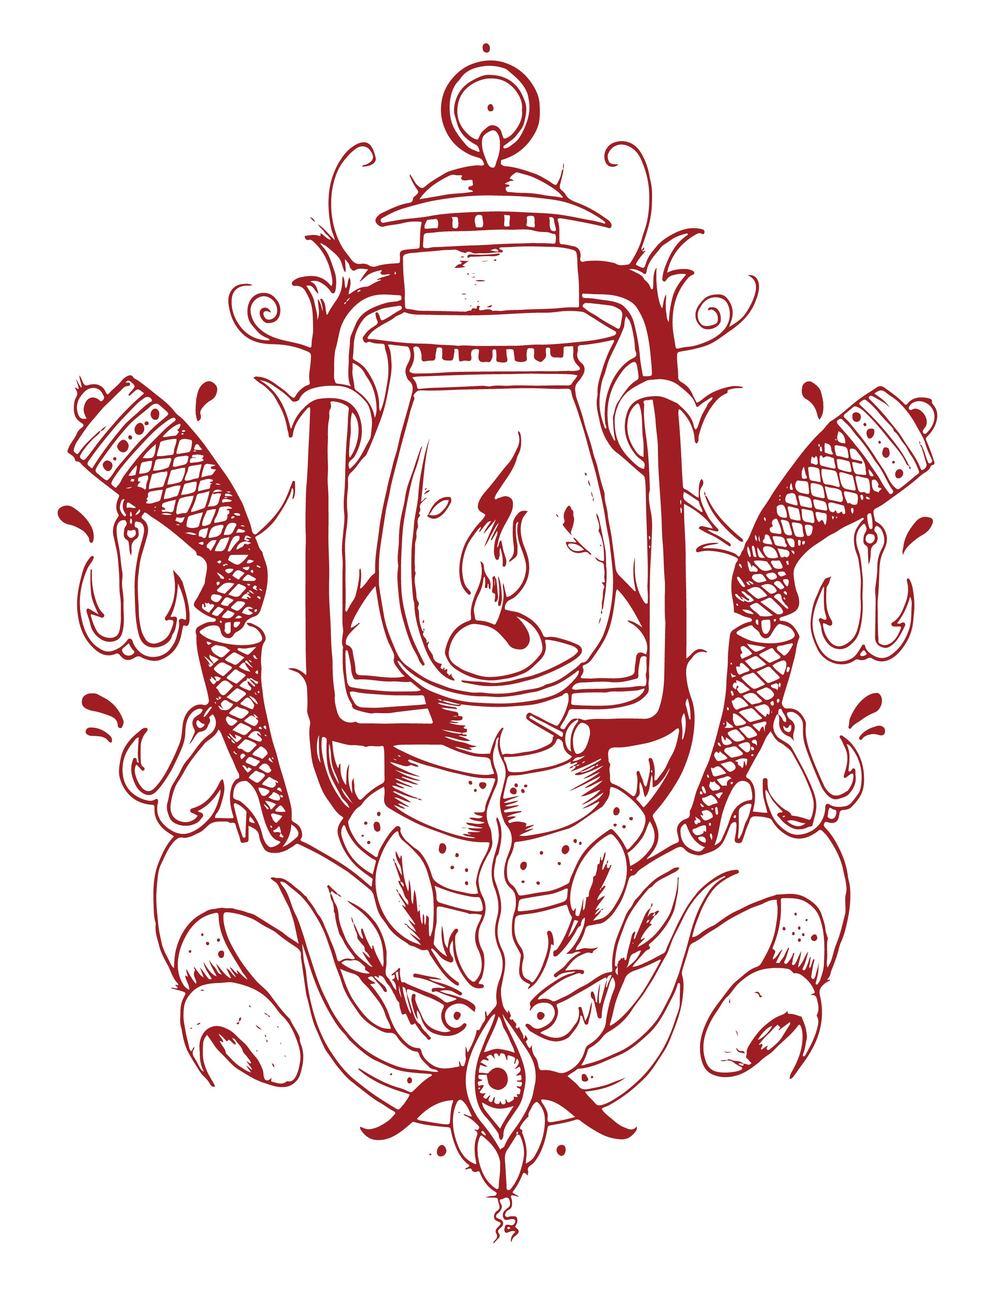 LanternsandLuresLogoColor-01.jpg